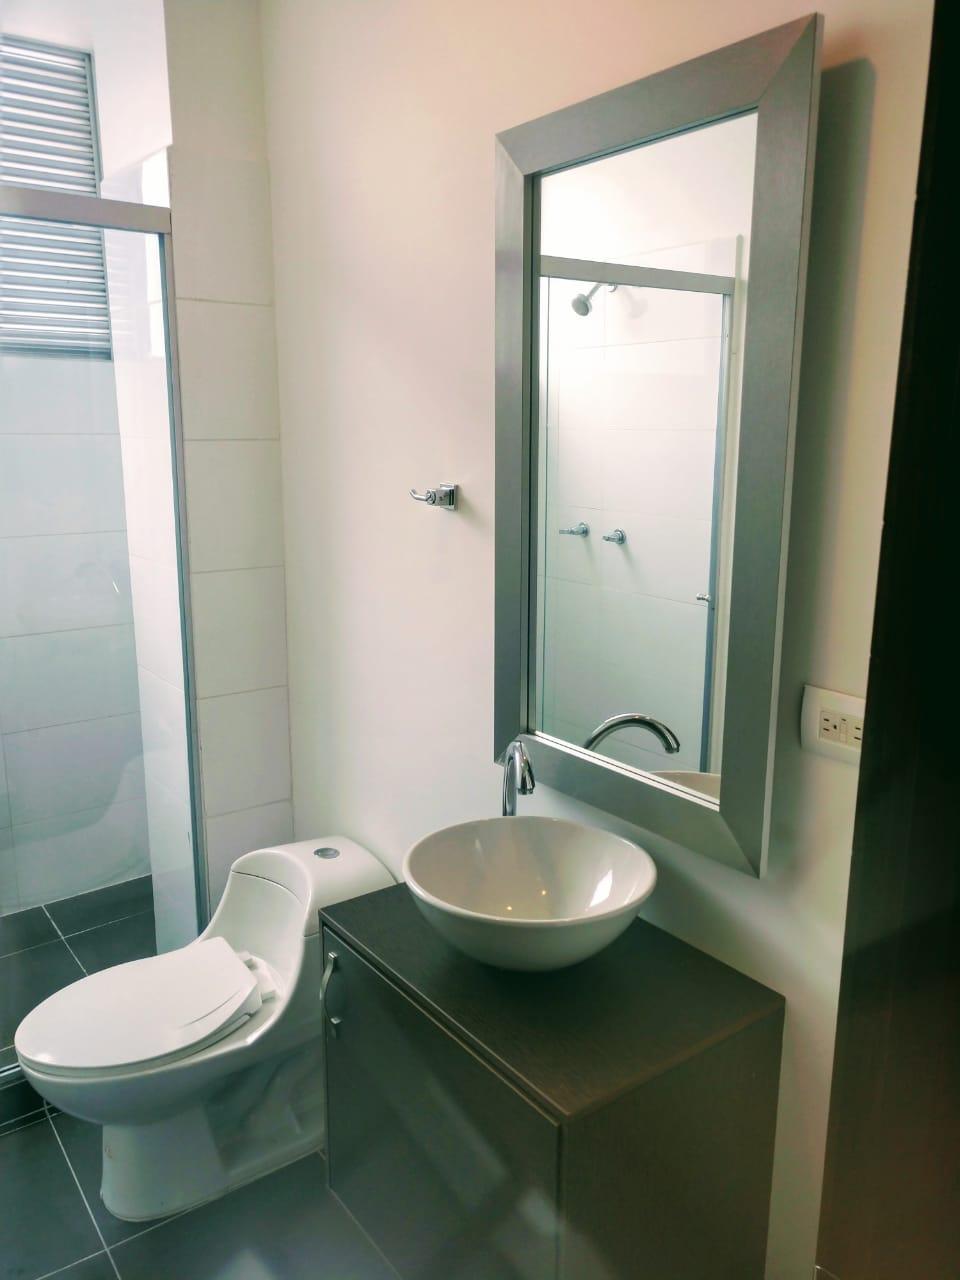 Venta de apartamento Cll.12 Norte – Código 495147